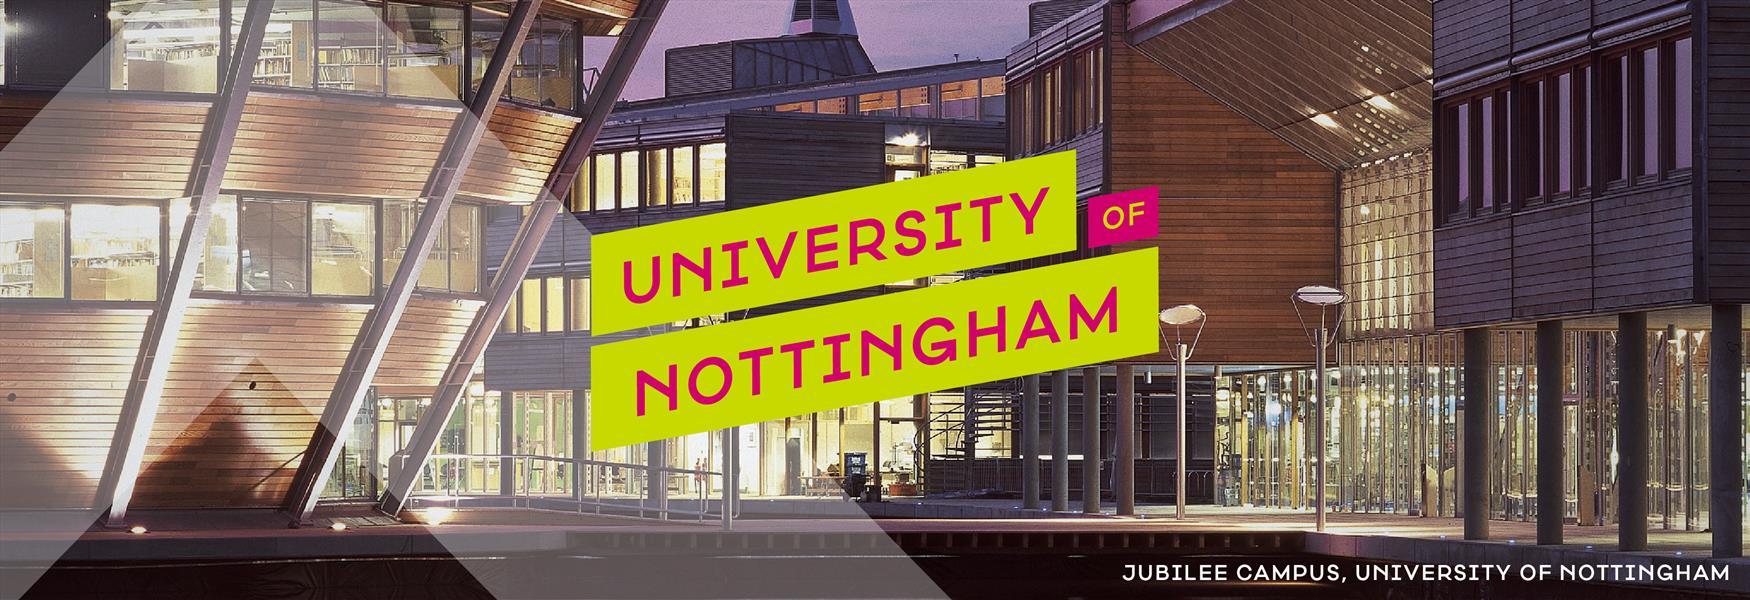 University of Nottingham Banner